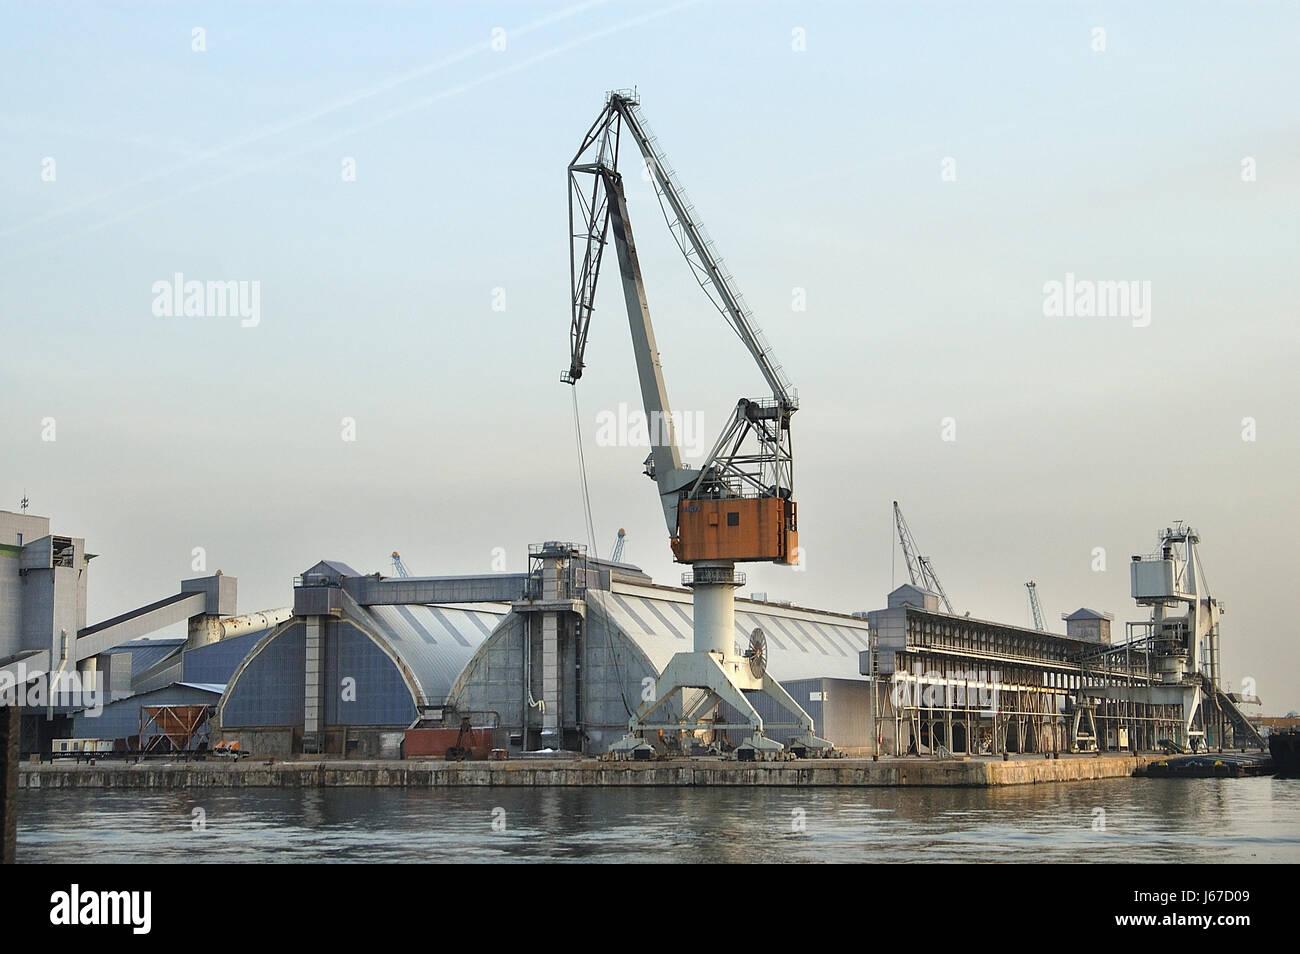 Port des eaux des ports de l'eau Belgique Flandre occidentale Anvers grue industrie des eaux Banque D'Images